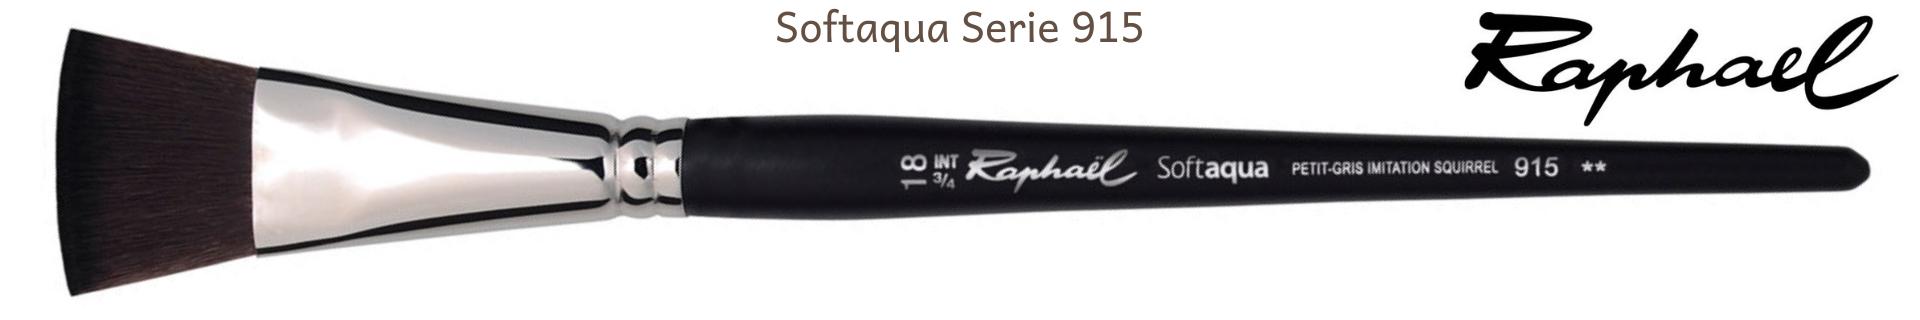 Raphael Softaqua 915 Piatti